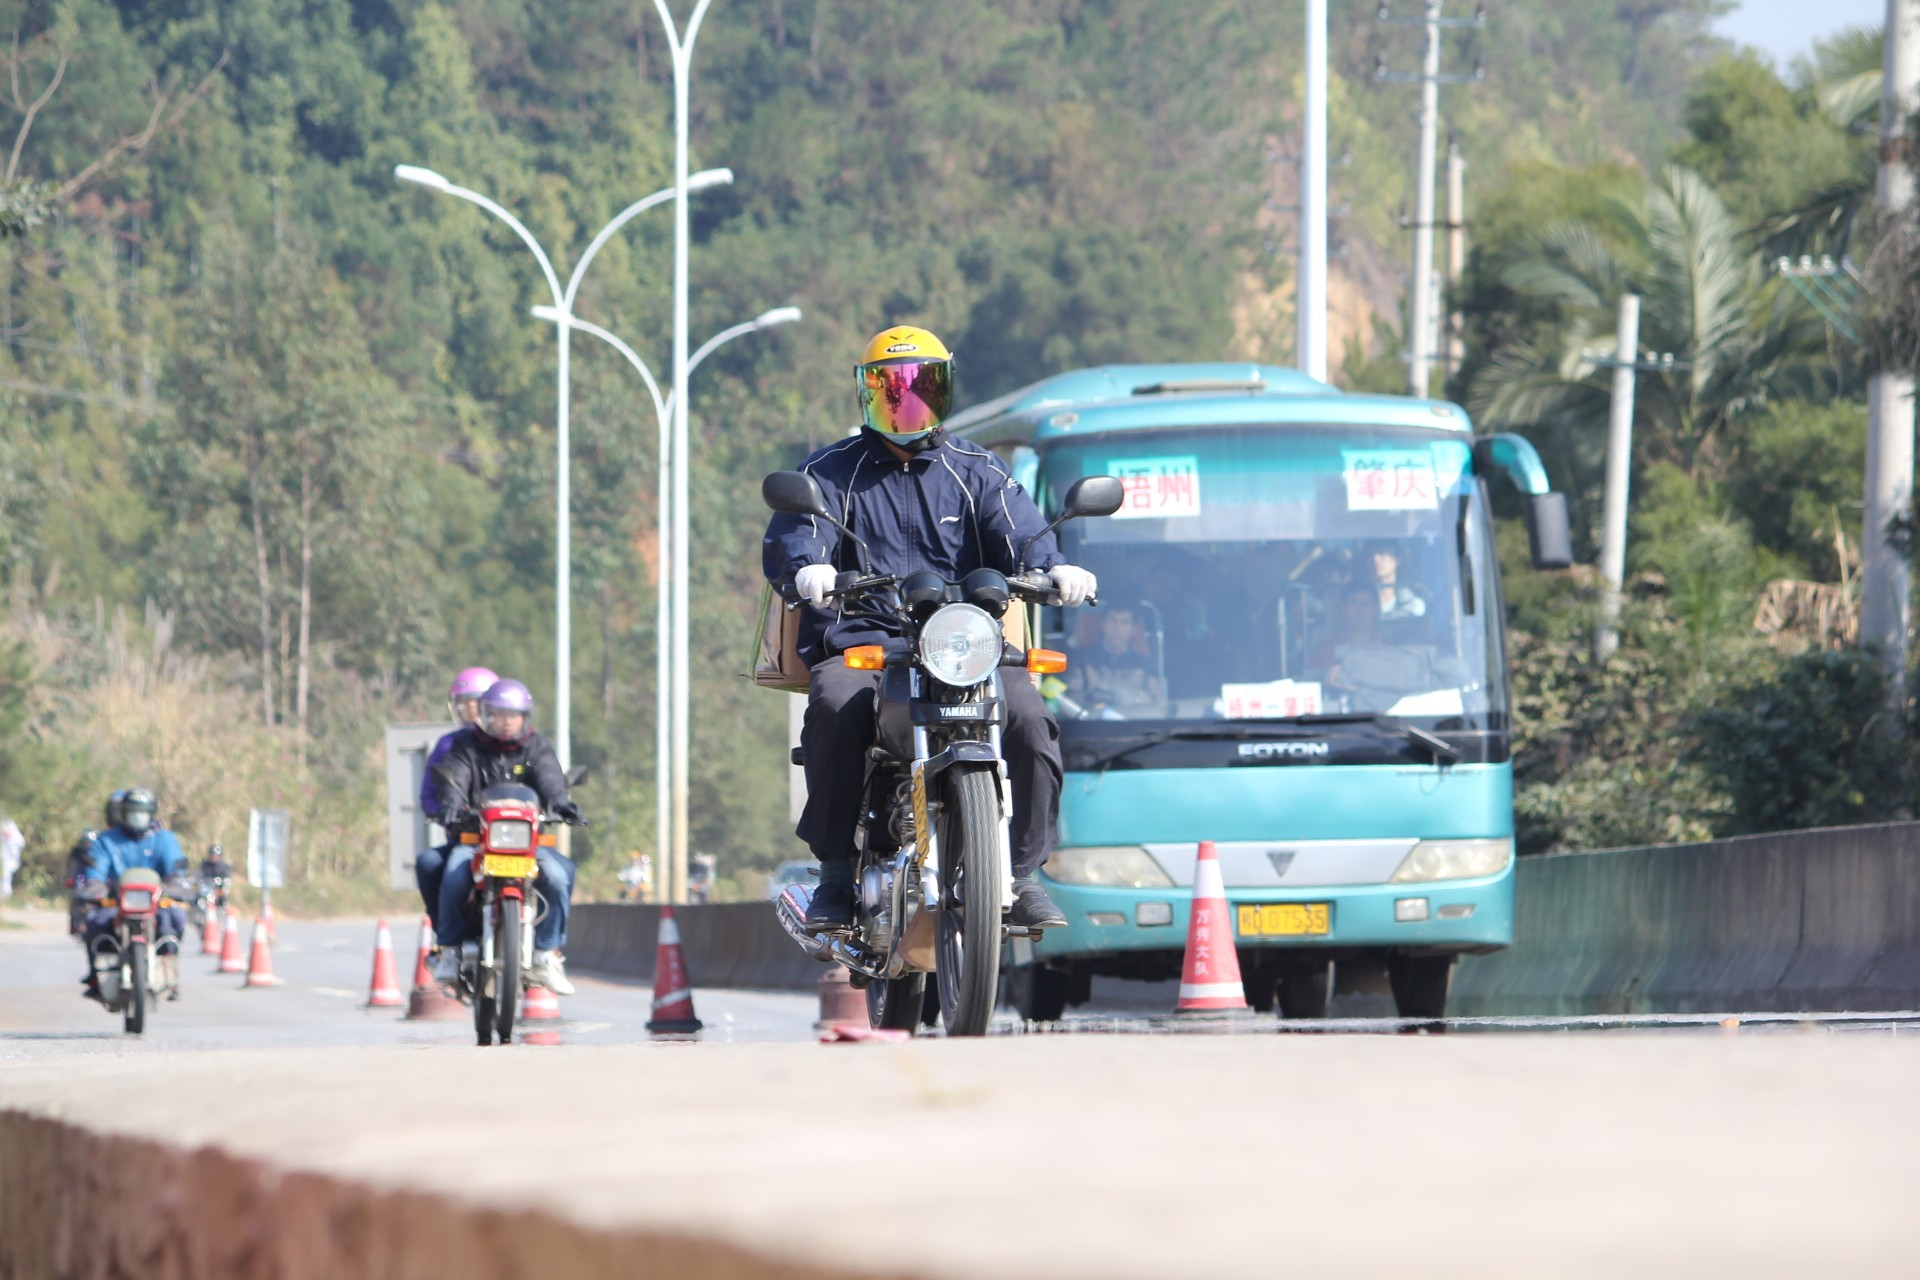 议一下摩托车安全驾驶中的两个伪命题。。。